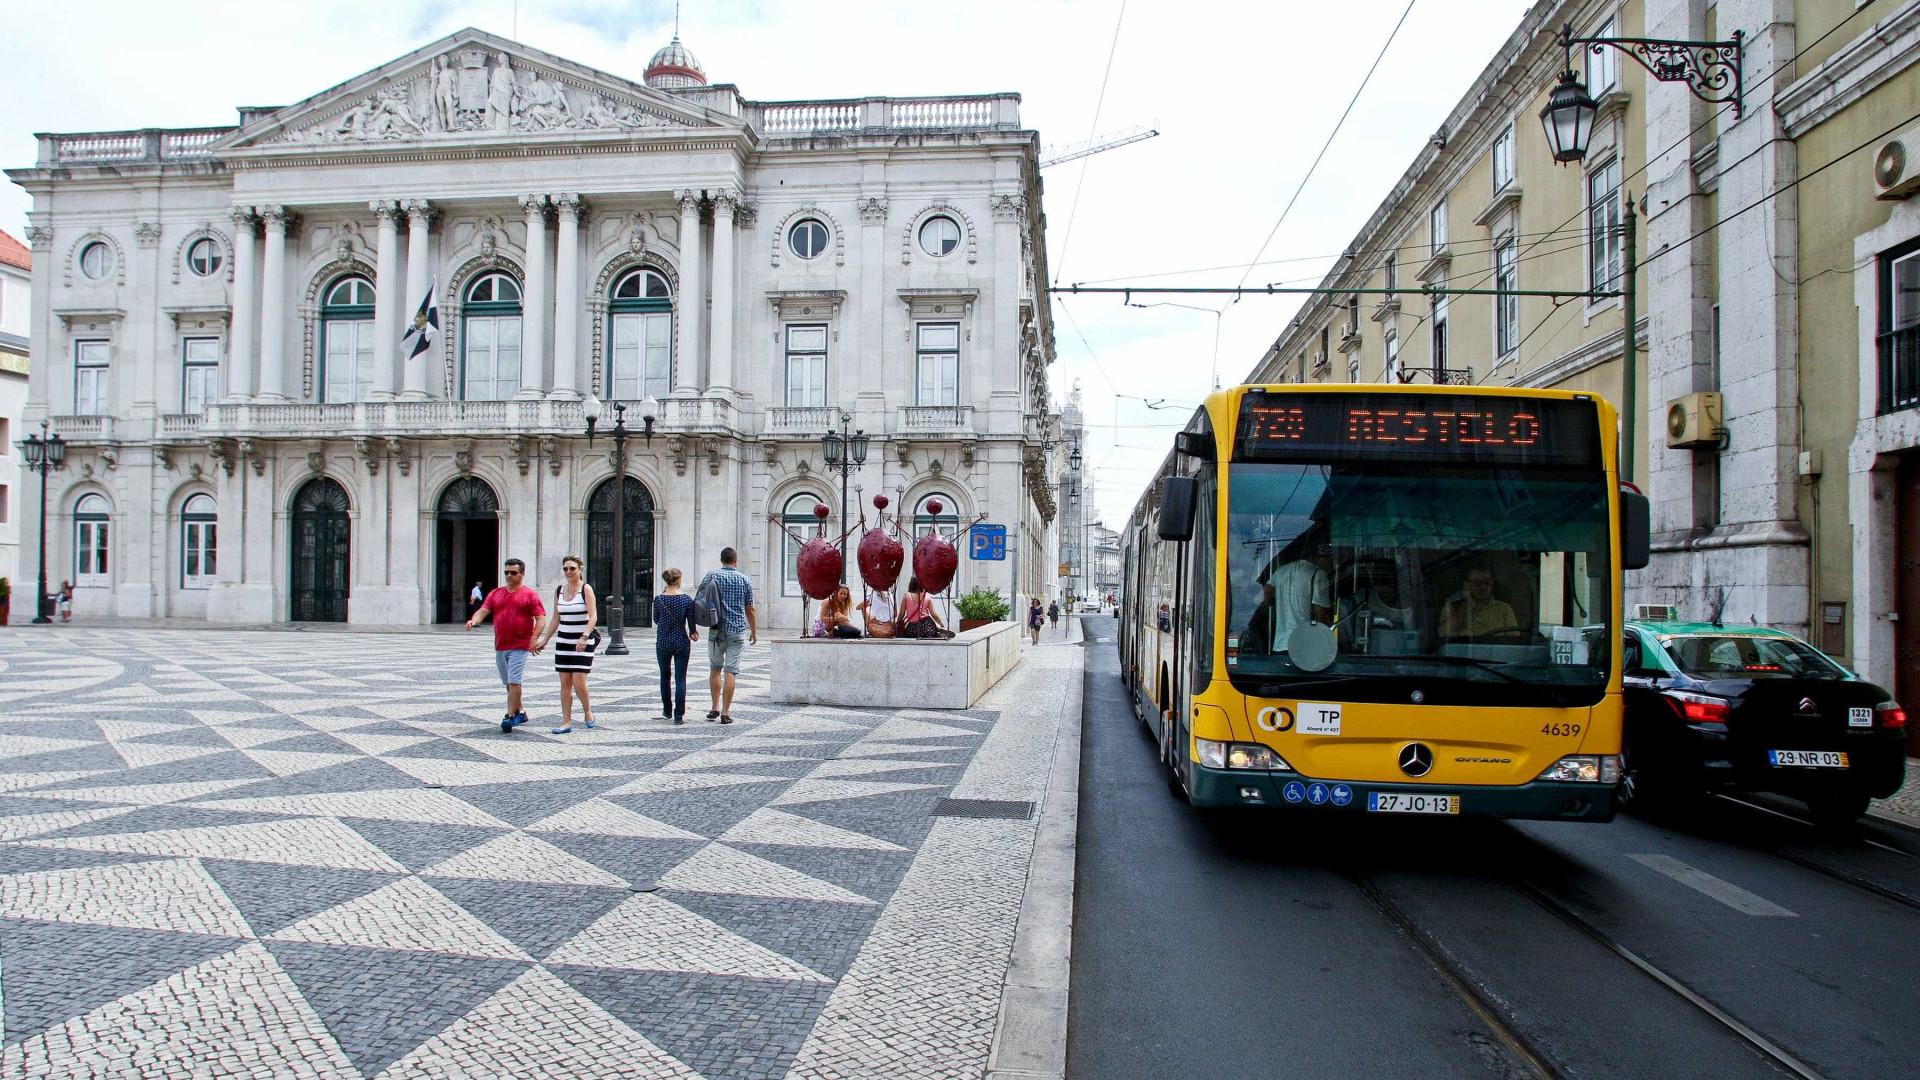 Carris prolongou concurso para a compra de 15 autocarros elétricos